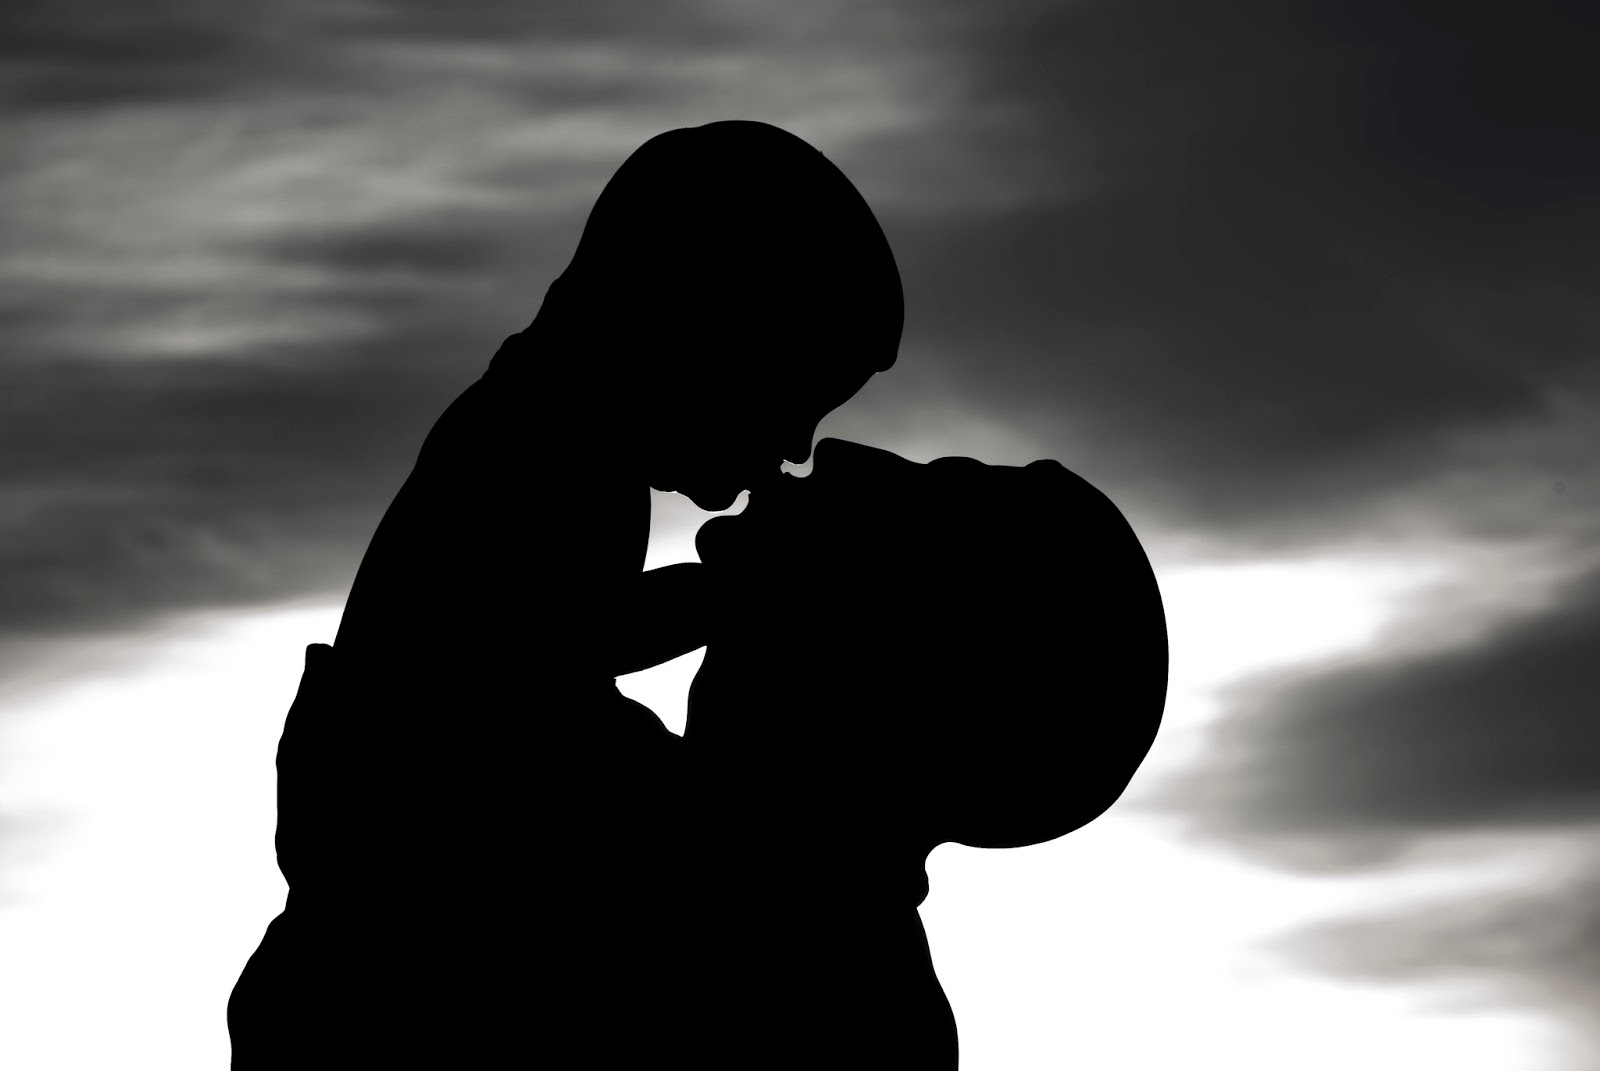 αγωγή των παιδιών από τους γονείς